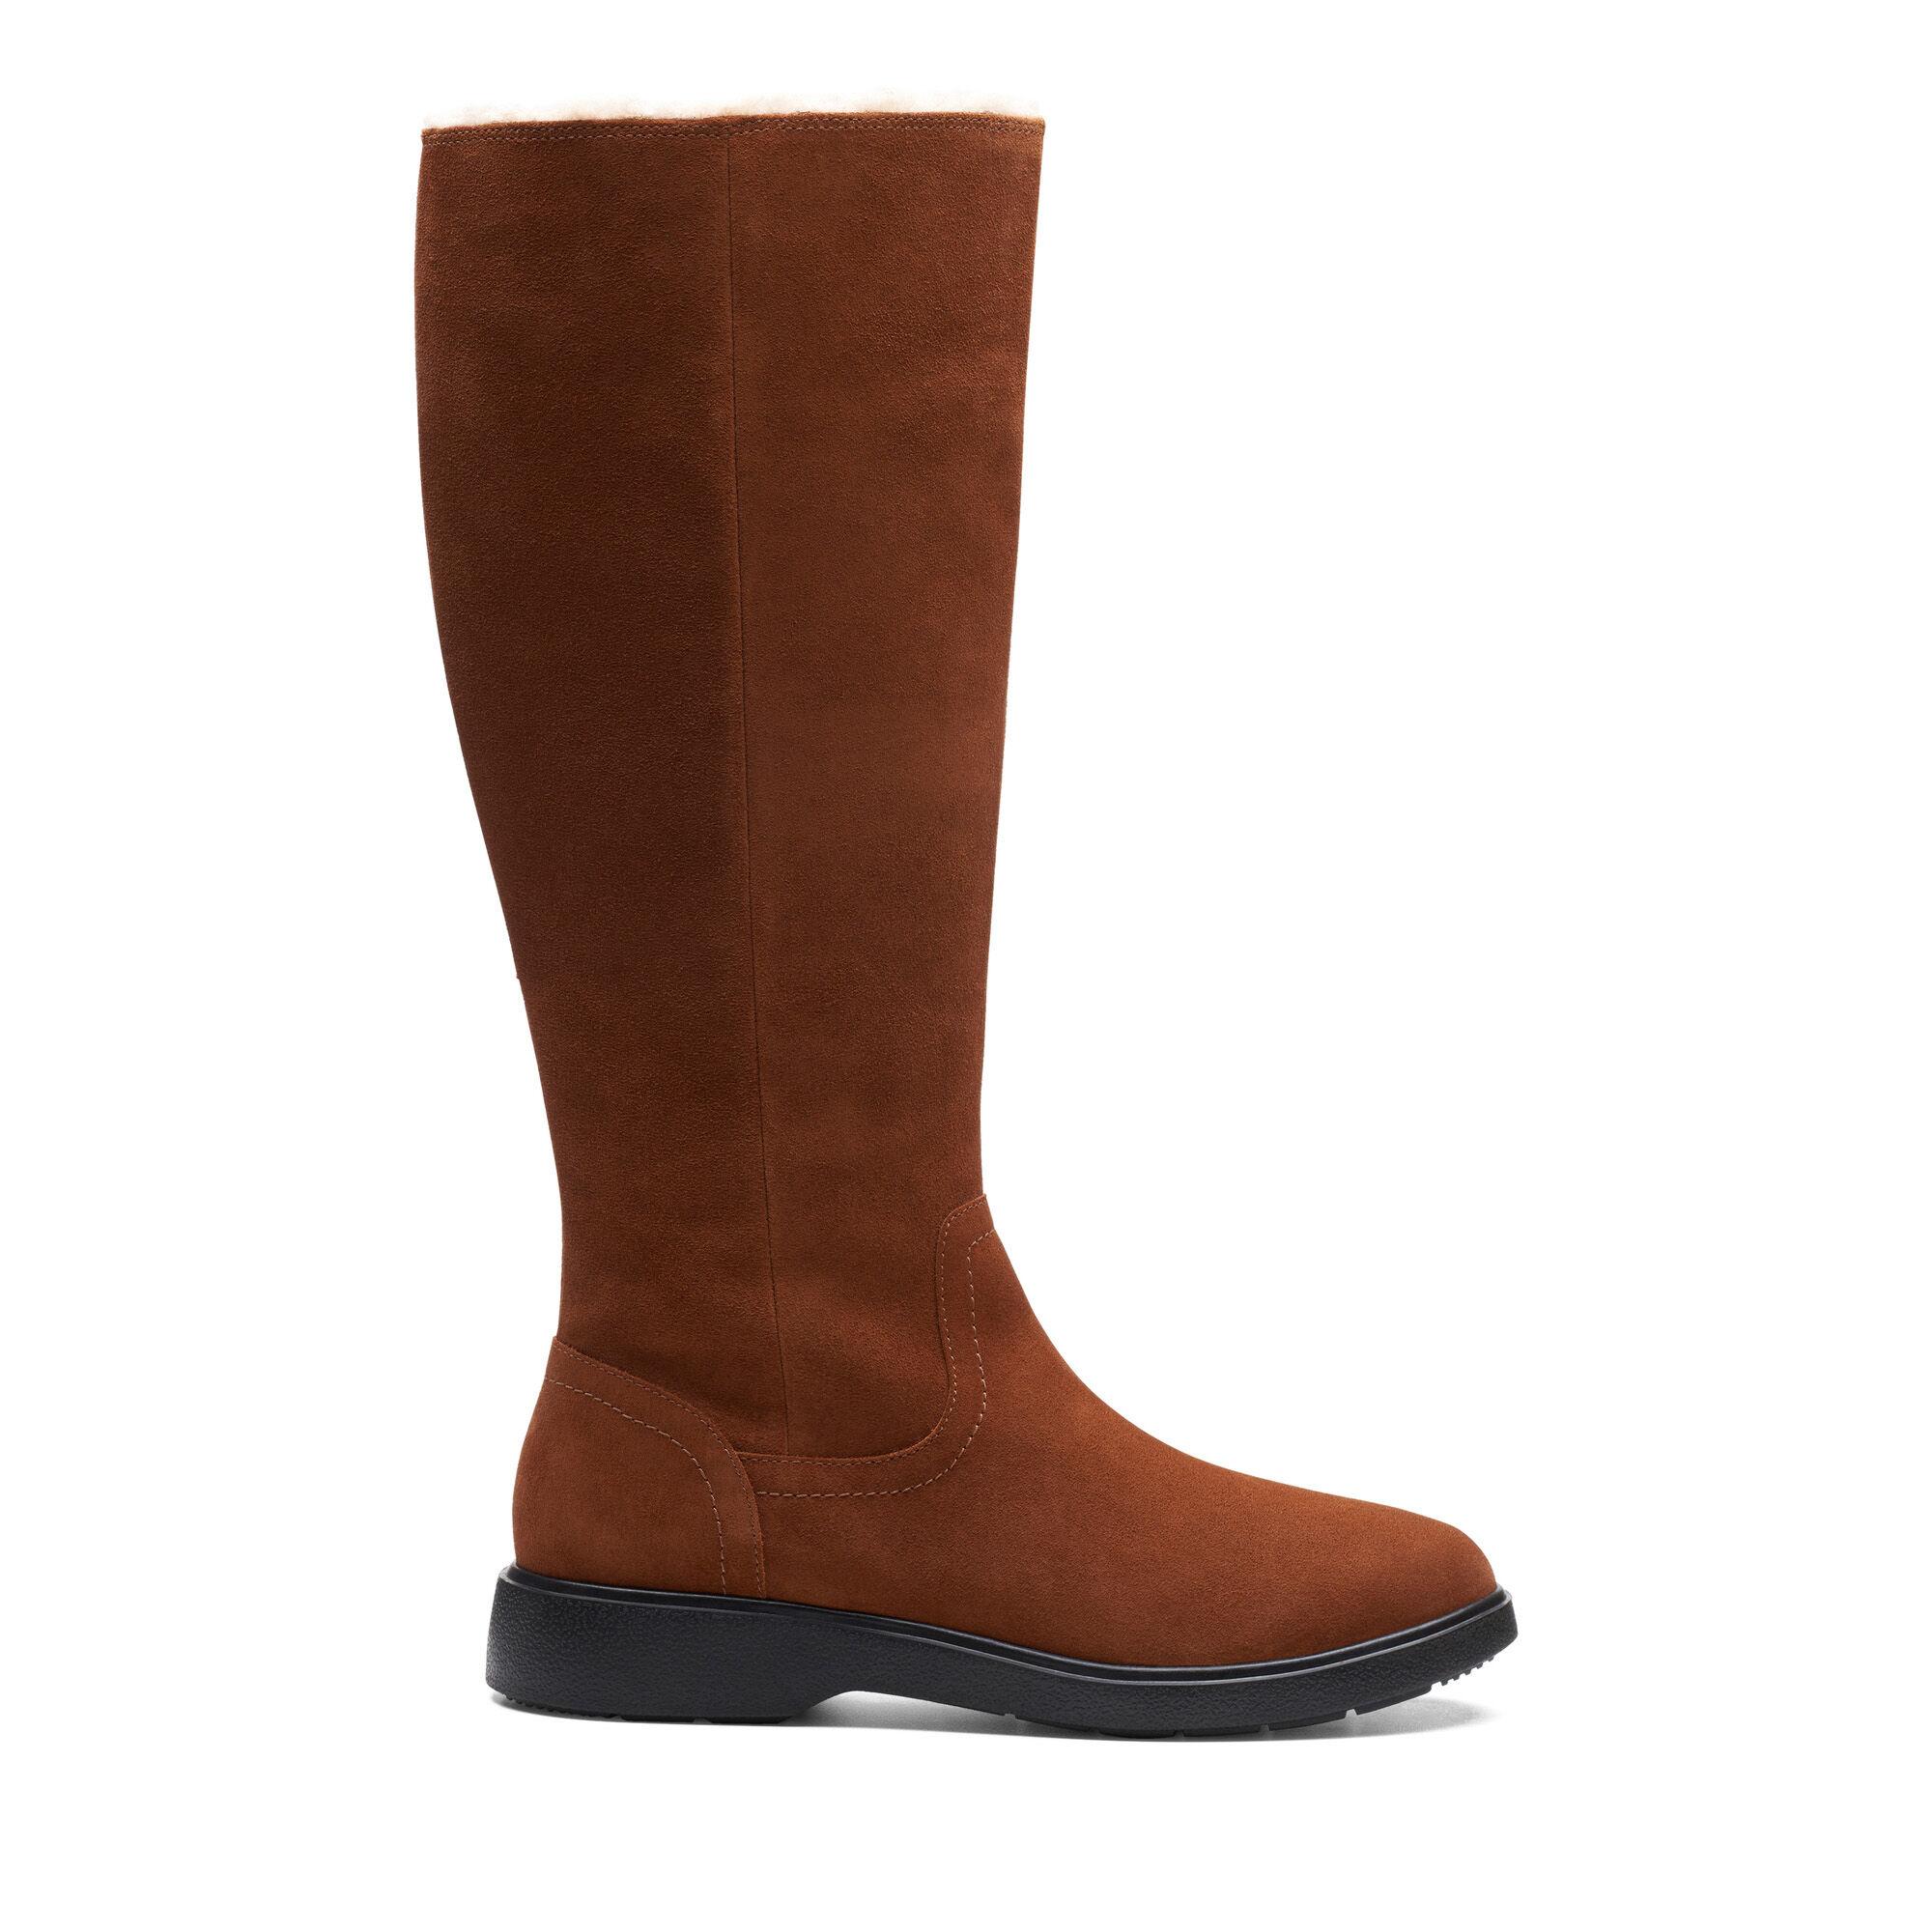 Women's Dark Tan Suede Knee High Boots